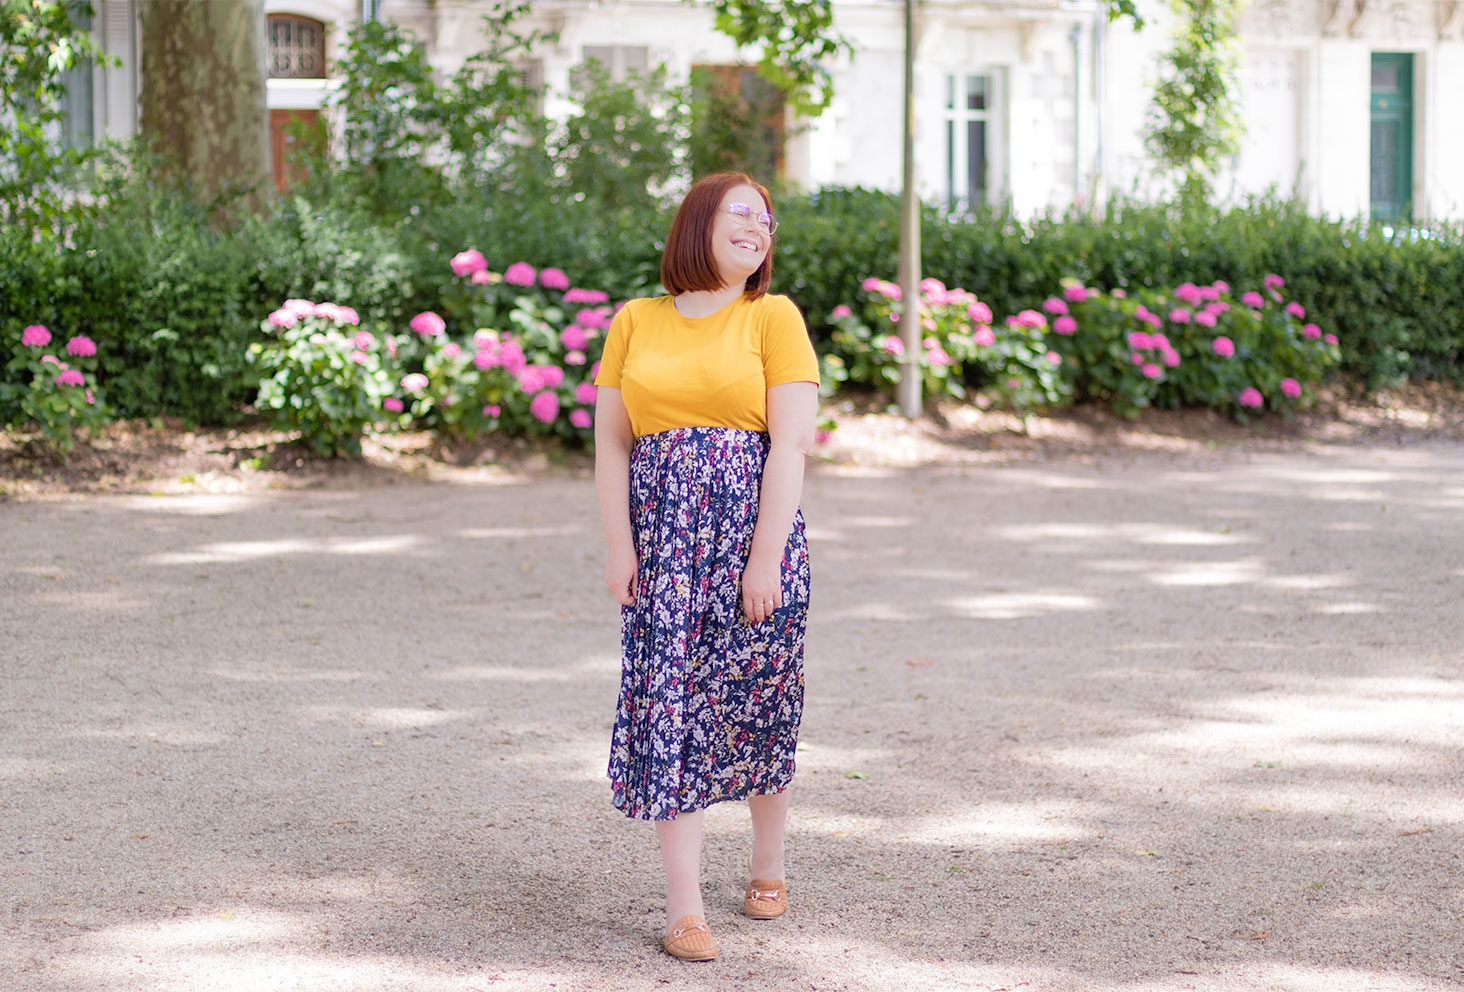 En jupe midi à fleurs et t-shirt jaune, au milieu d'un jardin fleuri, tendances pour l'été